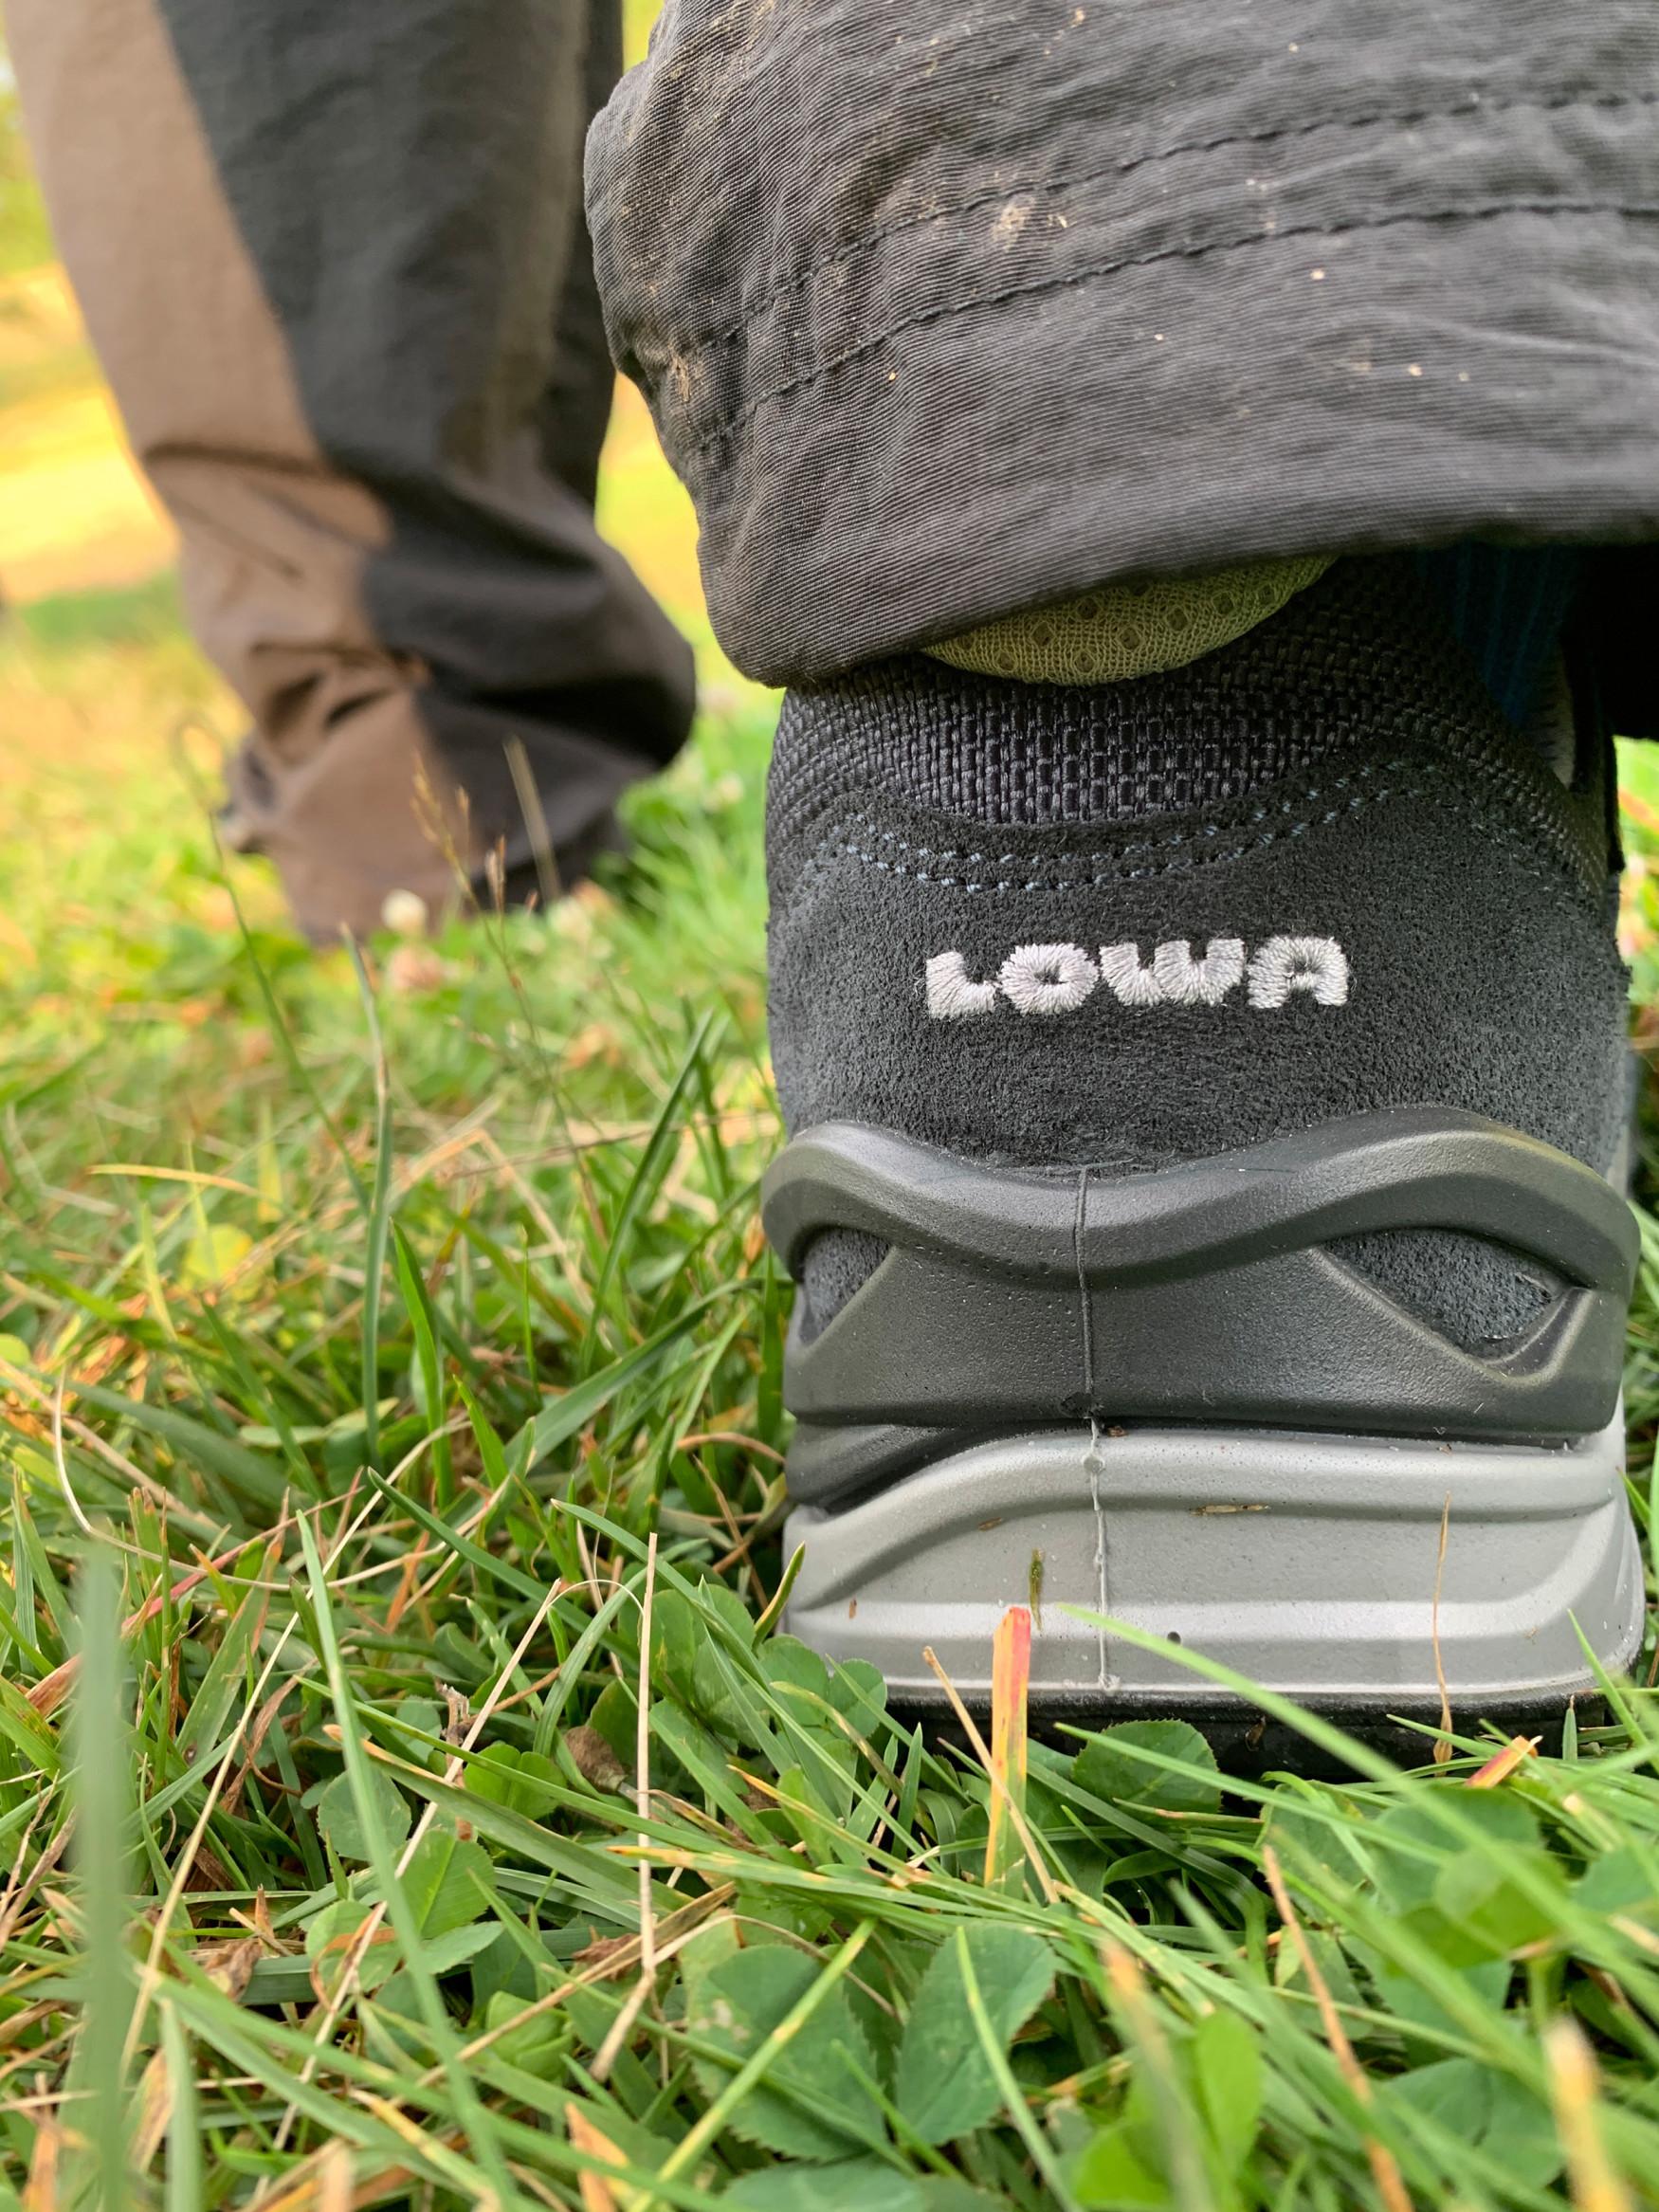 Le nuove scarpe multifunzione TORO EVO LL LO Ws convincono sempre con una calzata ottimale e un animo sportivo che si rispecchia nella scelta di materiali robusti e nella presa eccezionale della suola esterna. Presentano una moderna forma Derby e conquistano grazie alla fodera in pelle particolarmente confortevole. Inoltre, la struttura brevettata LOWA MONOWRAP® garantisce un buon controllo del piede e l'intersuola a iniezione diretta in LOWA DynaPU® offre un ammortizzamento ideale a ogni passo.